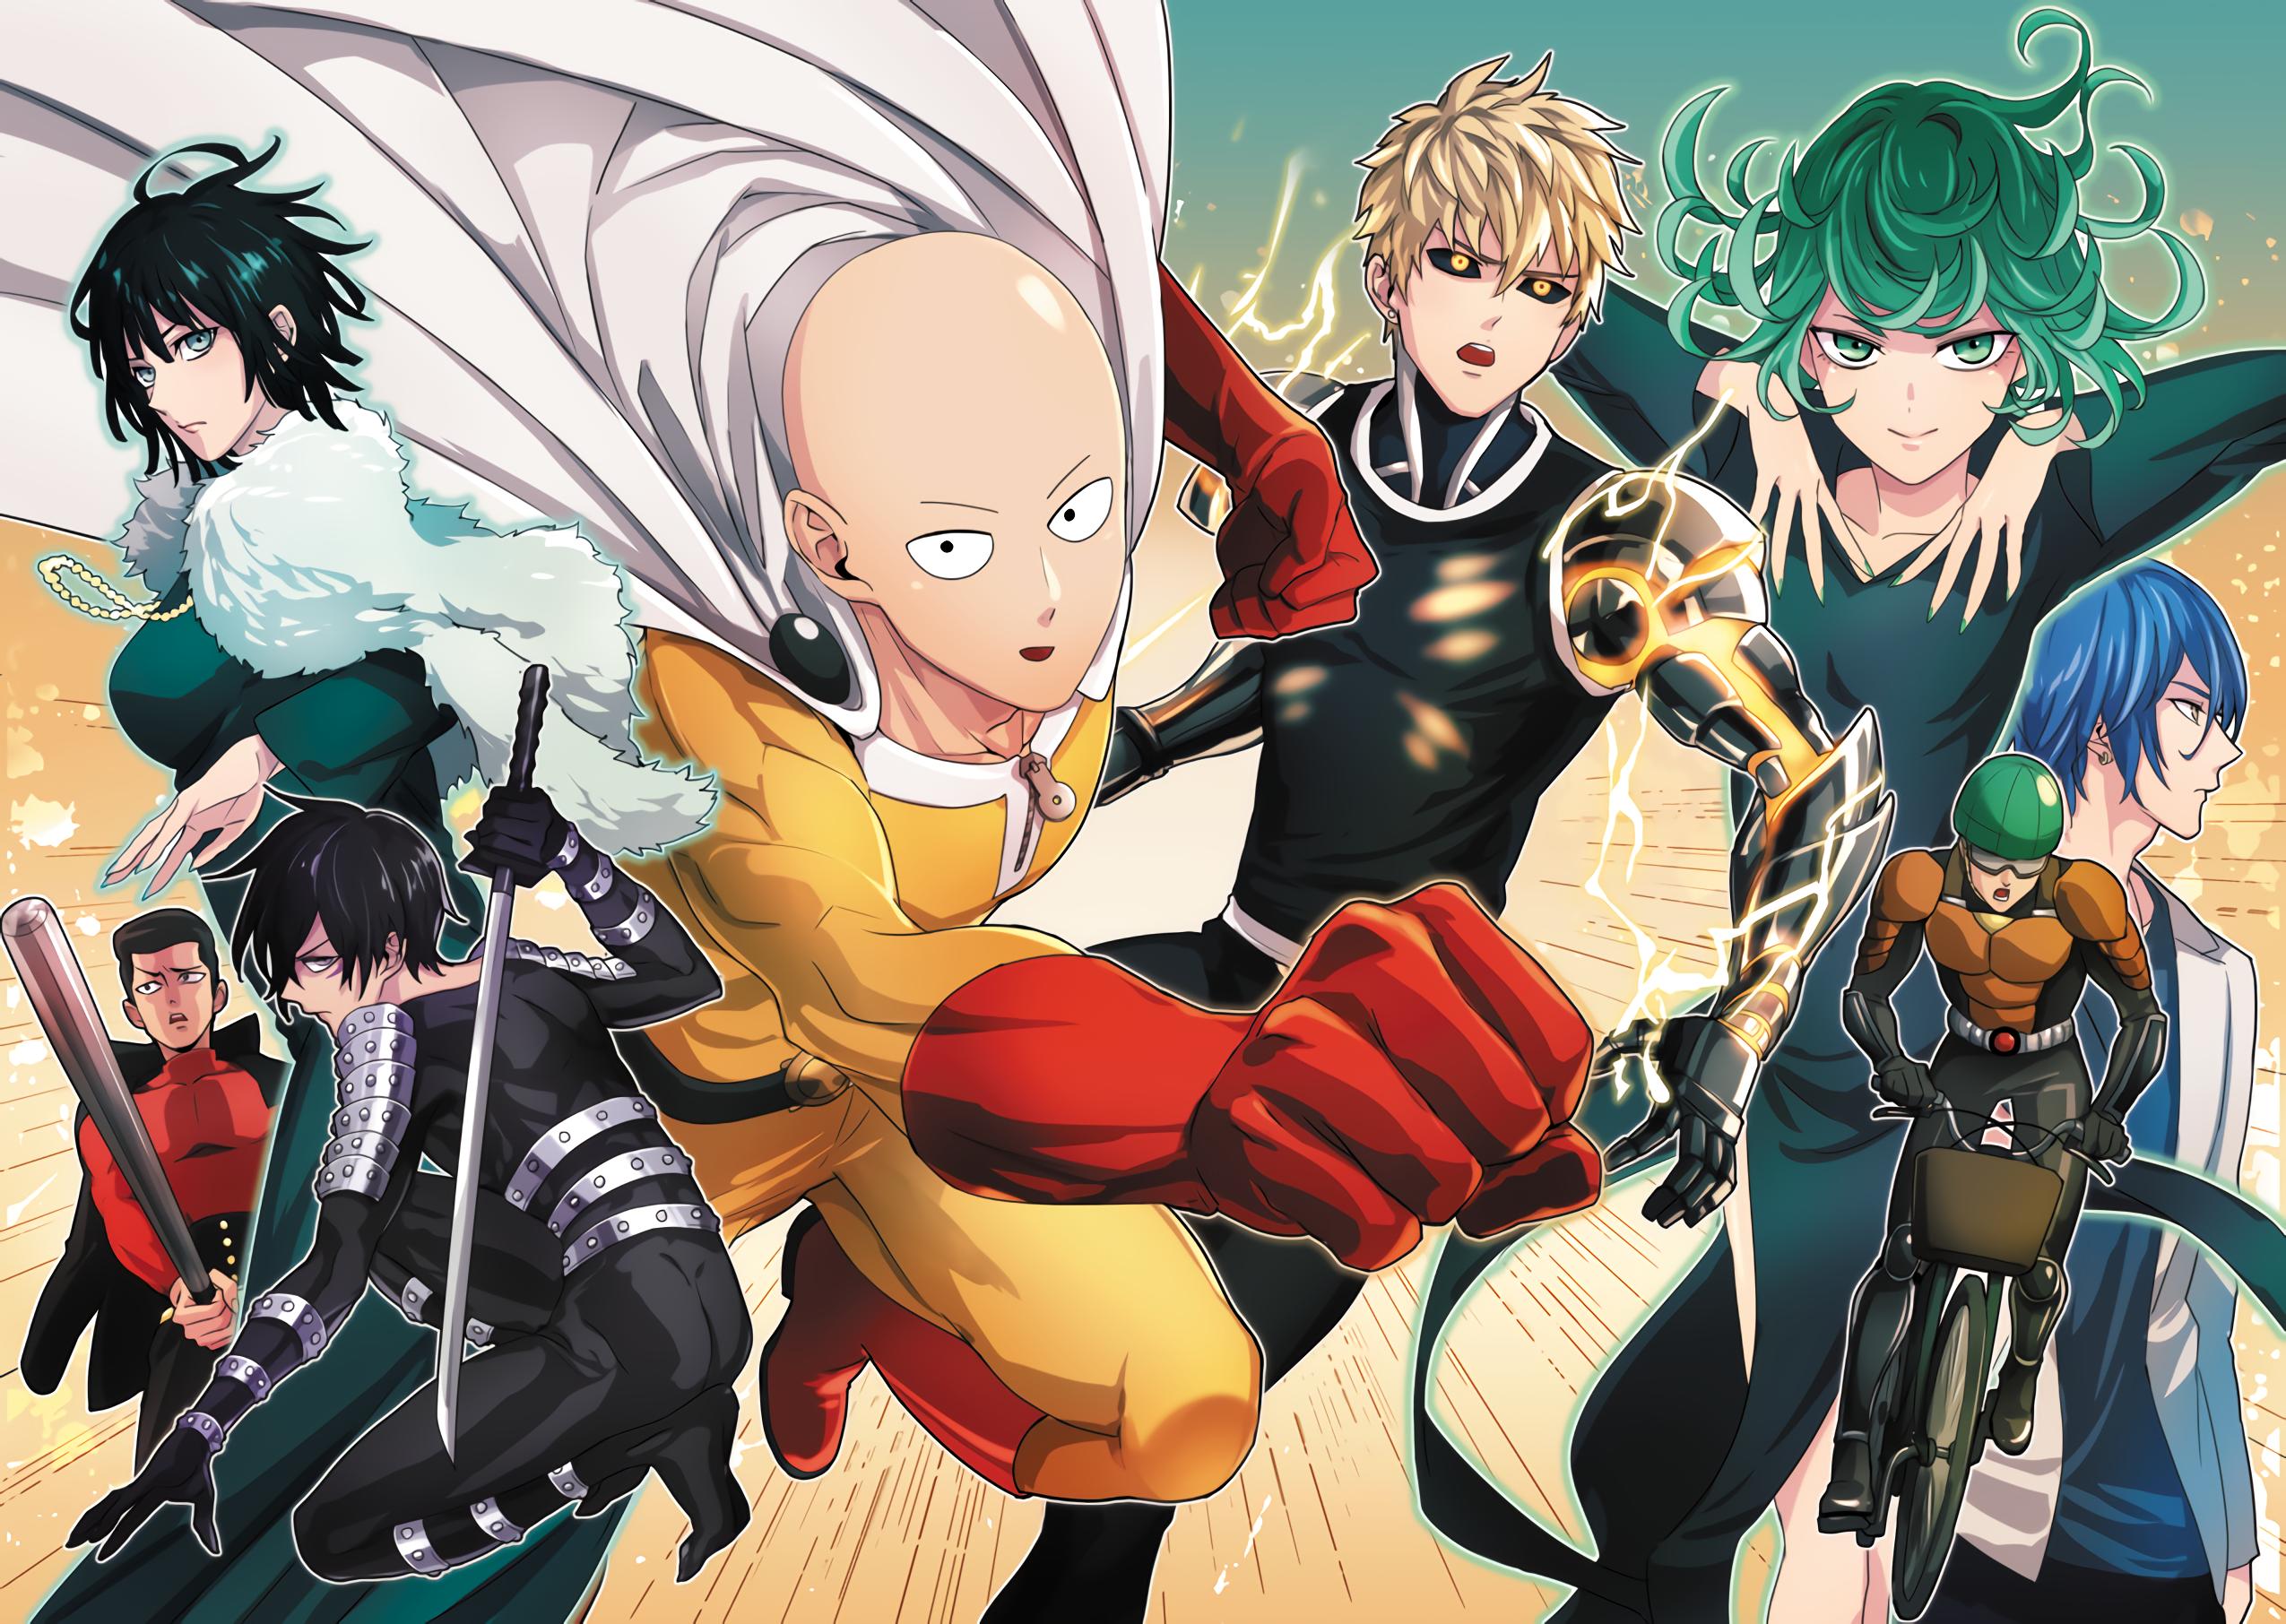 Épinglé par Dewipoker sur Anime Hits Punch man